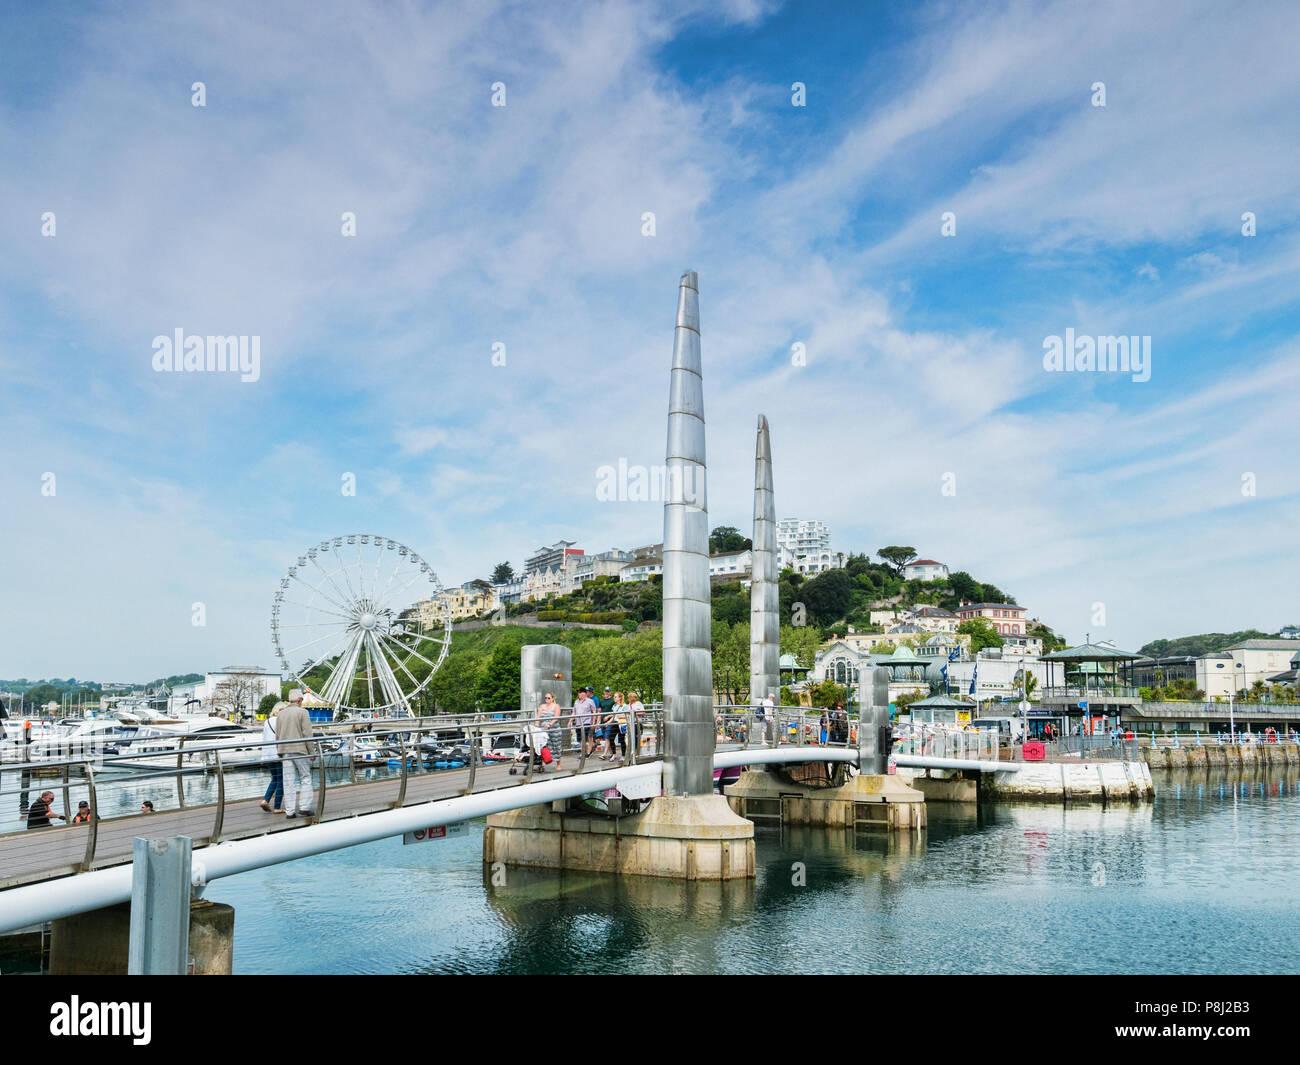 21 de mayo de 2018: Torquay, Devon, Reino Unido - El Puente del Milenio y la Riviera Inglesa la rueda. Imagen De Stock